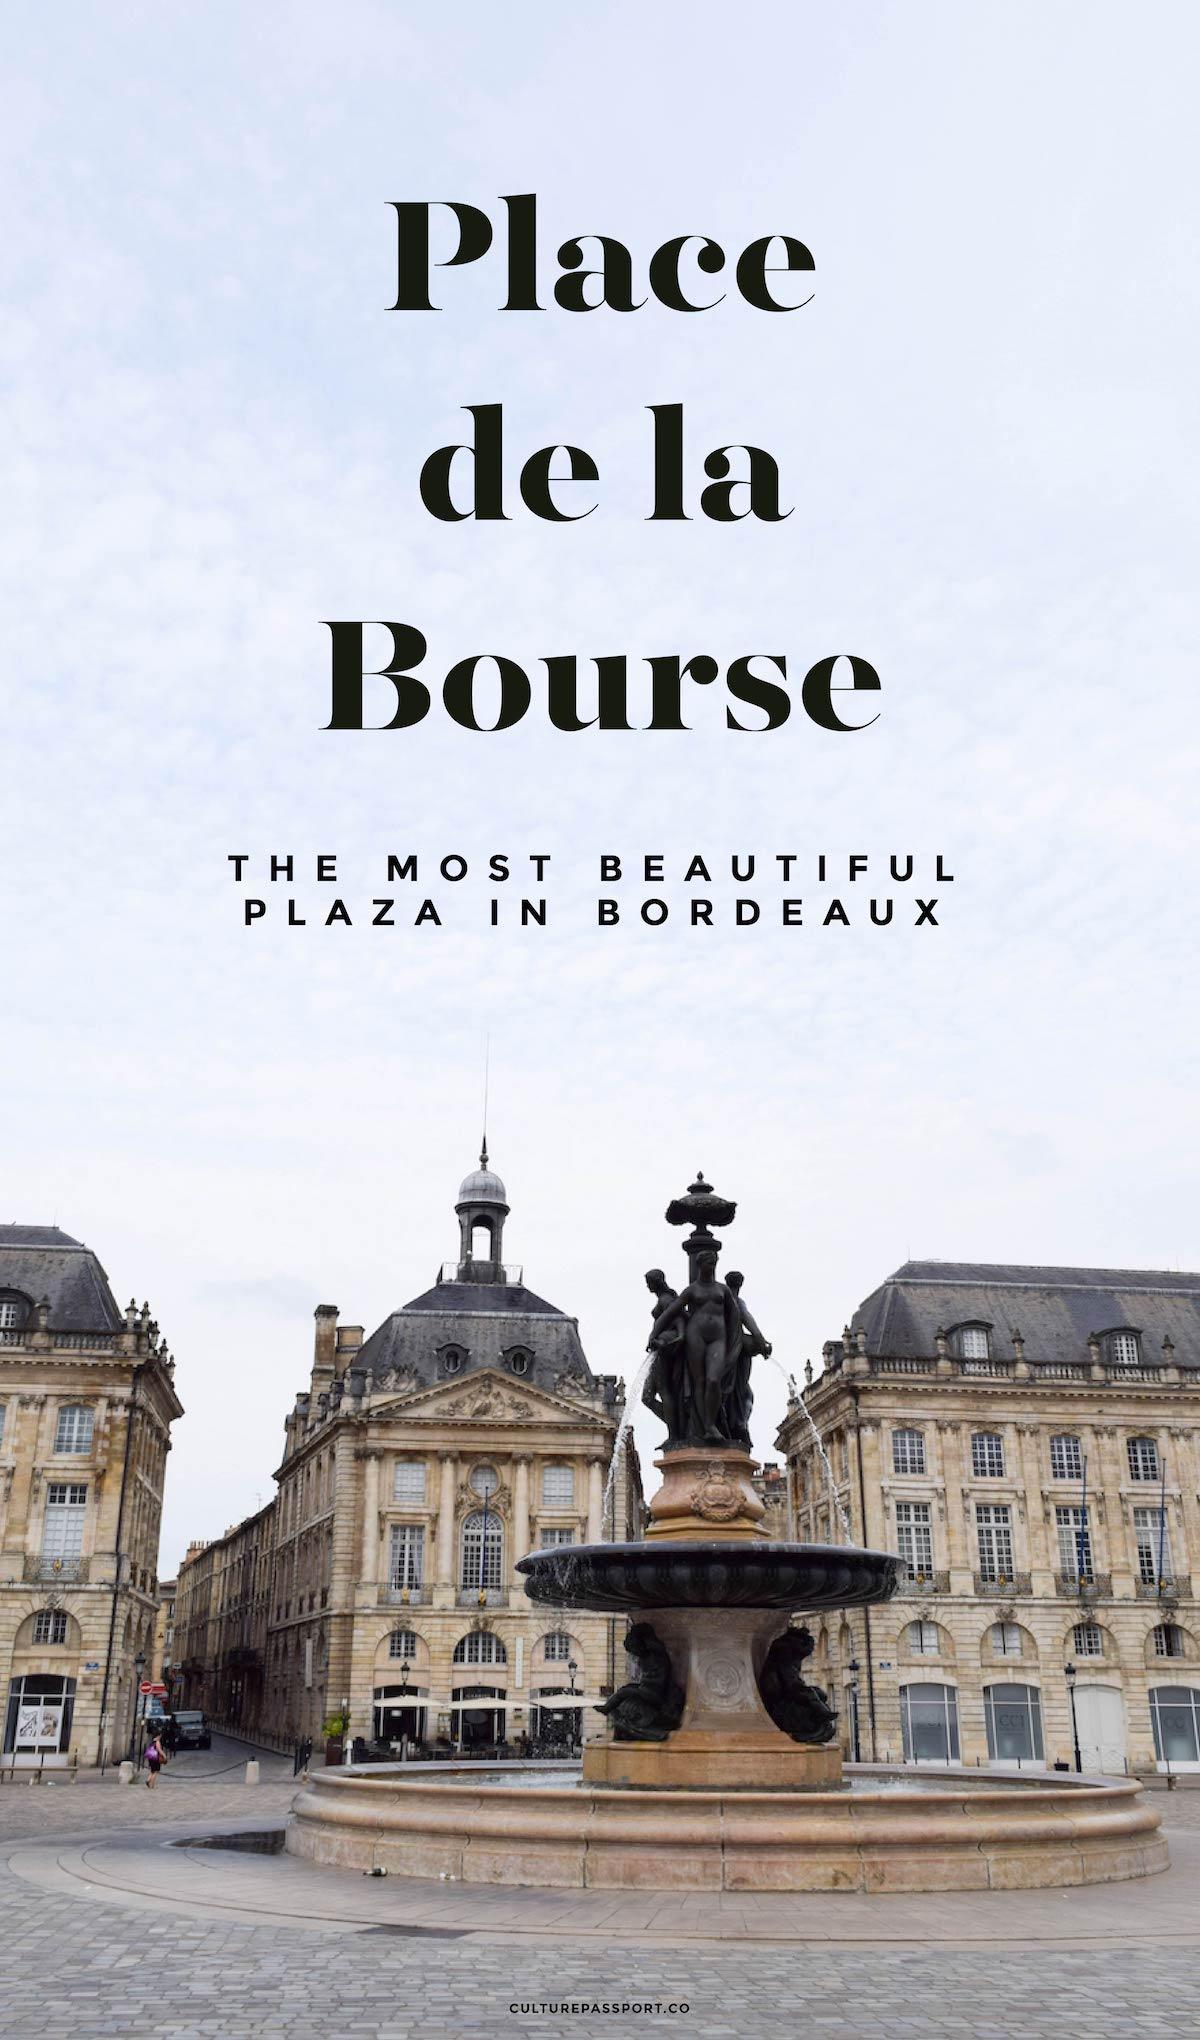 Place de la Bourse - Most Beautiful Plaza in Bordeaux